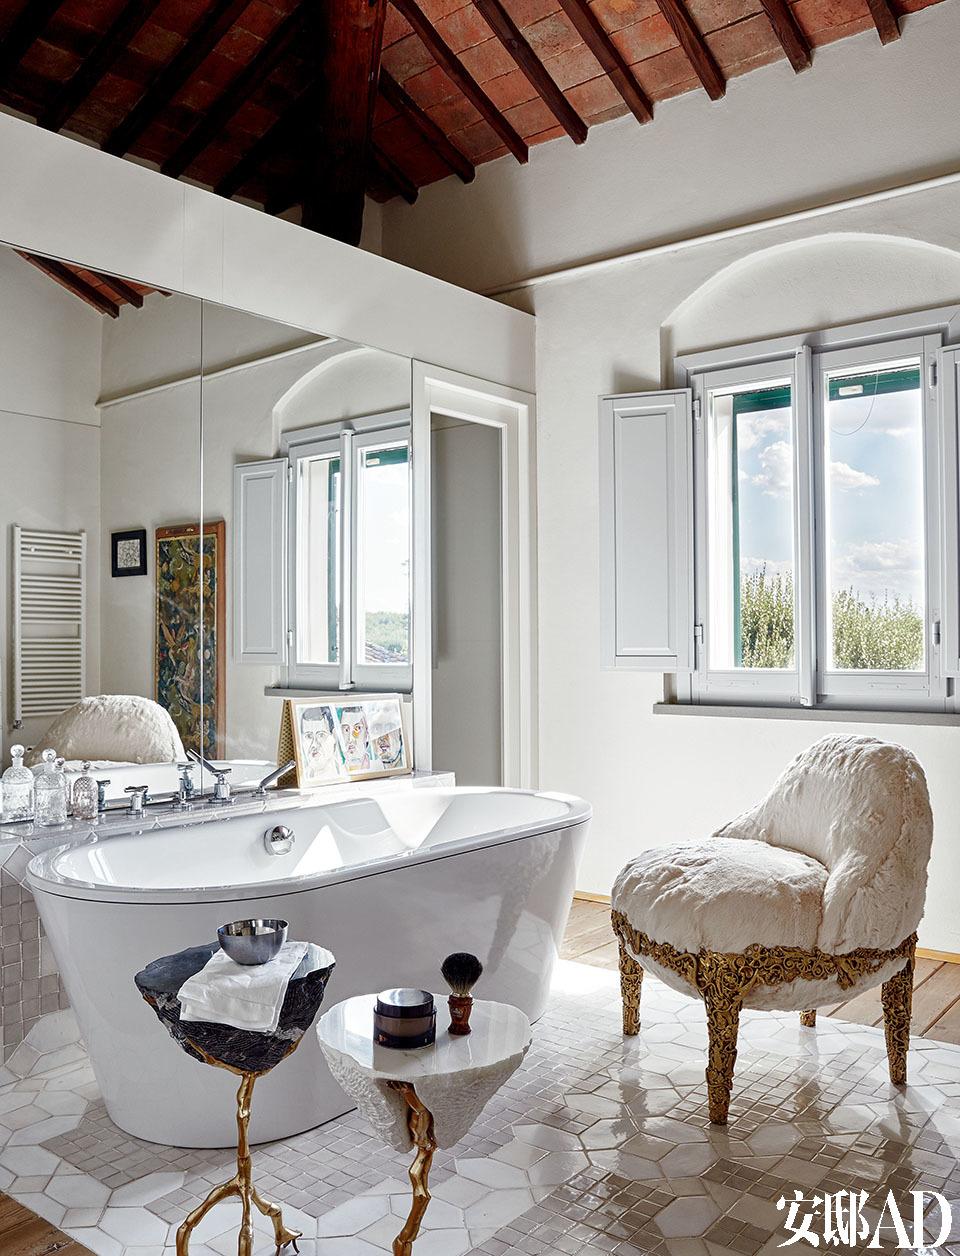 """浴室里,巴洛克风格的小边几和扶手椅都是巴西设计师 Campana兄弟的作品,其实用设计总是像艺术品般独一无二。浴室里巴洛克形状的小边桌与""""Roccocò""""扶手椅形成对比,边桌和扶手椅都是Campana兄弟2012年的设计作品。"""